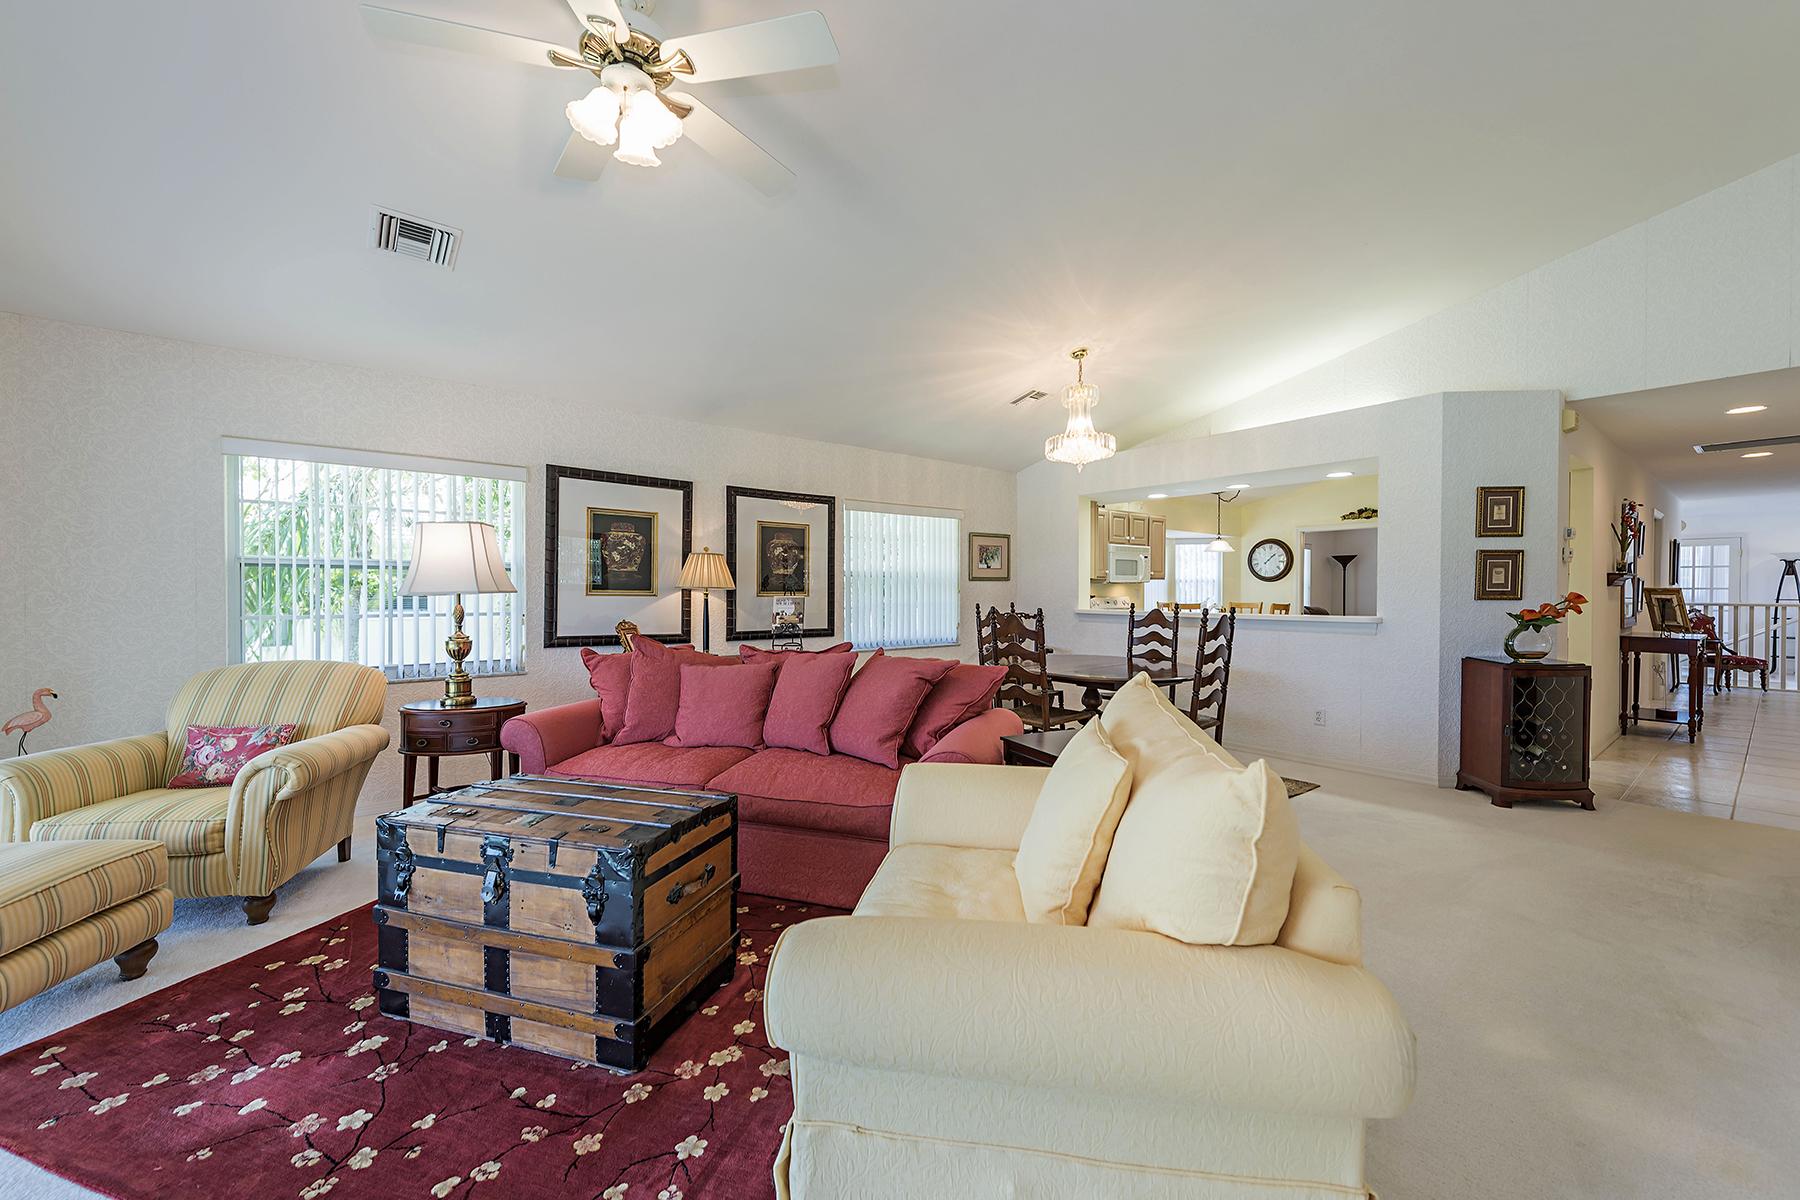 Кондоминиум для того Продажа на LELY RESORT - MYSTIC GREENS 8320 Mystic Greens Way 1604 Naples, Флорида, 34113 Соединенные Штаты